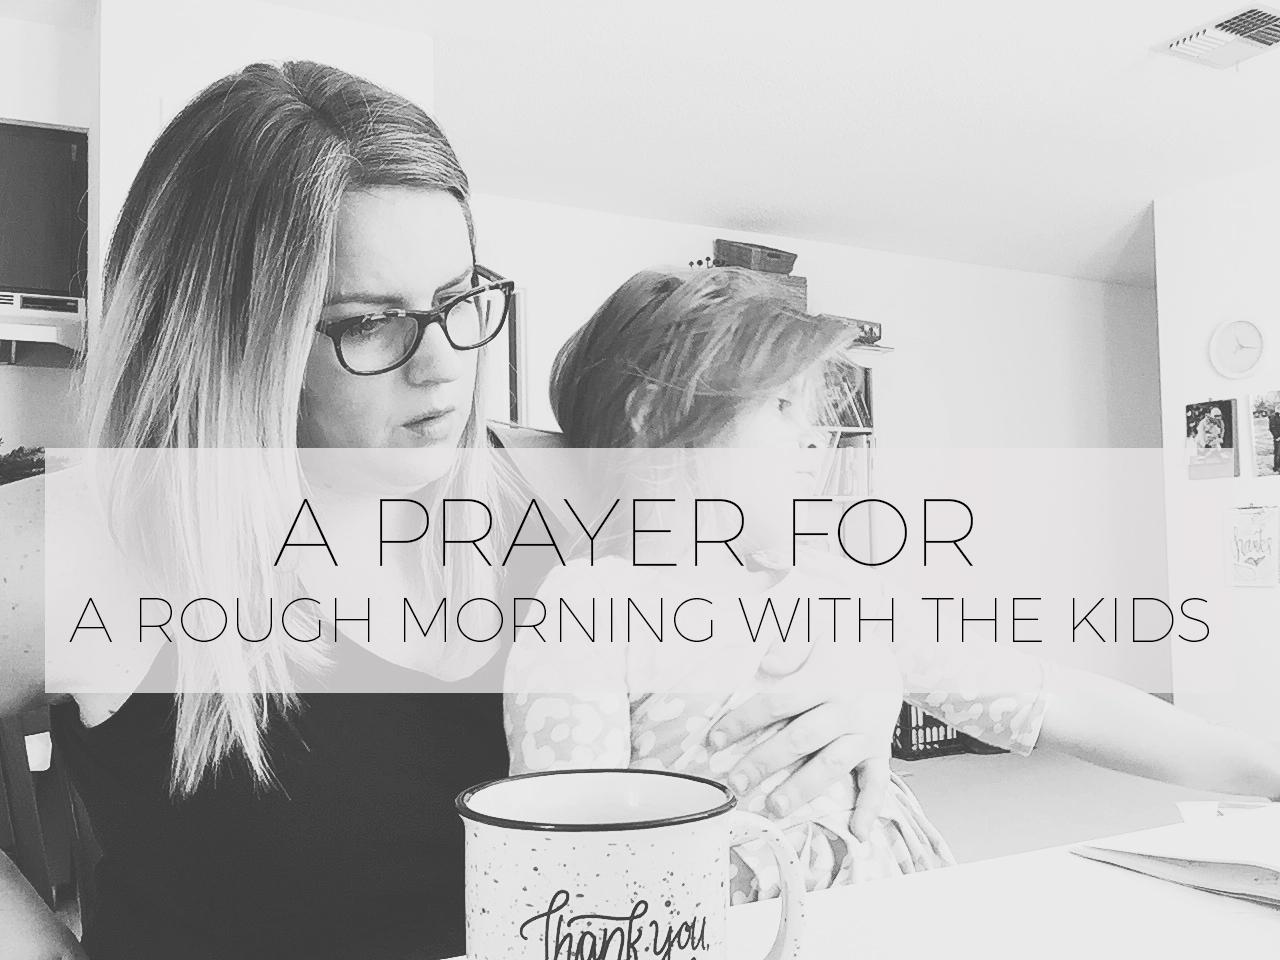 prayer-roughmorning.jpg